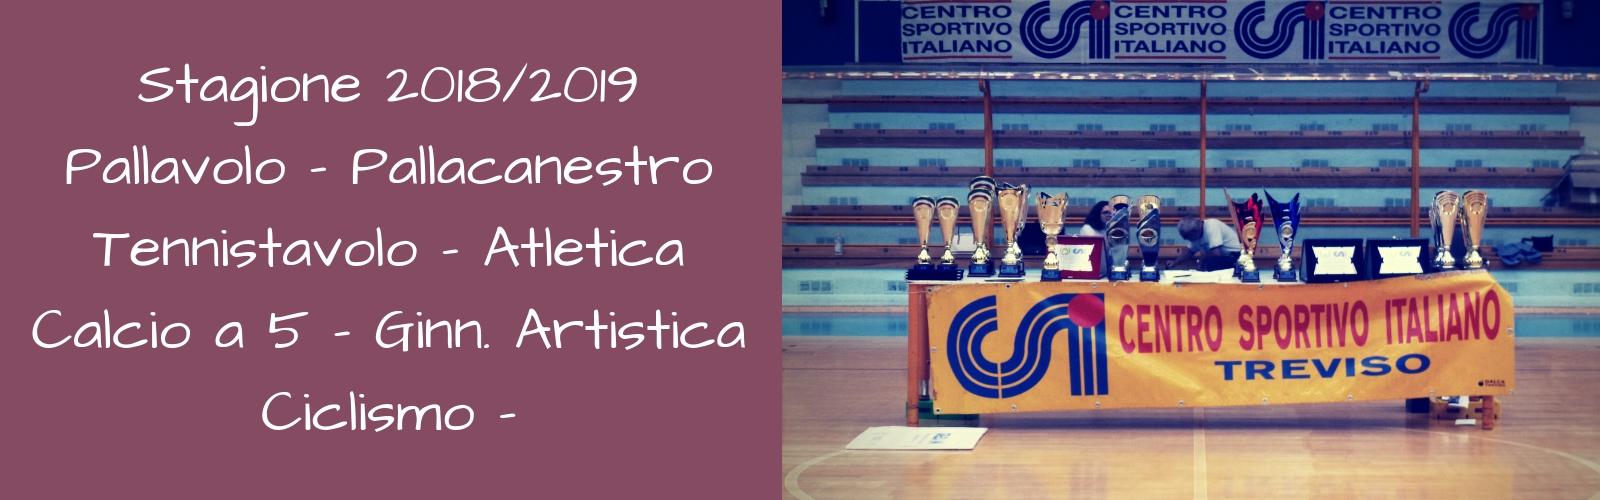 Stagione sportiva 2018/2019